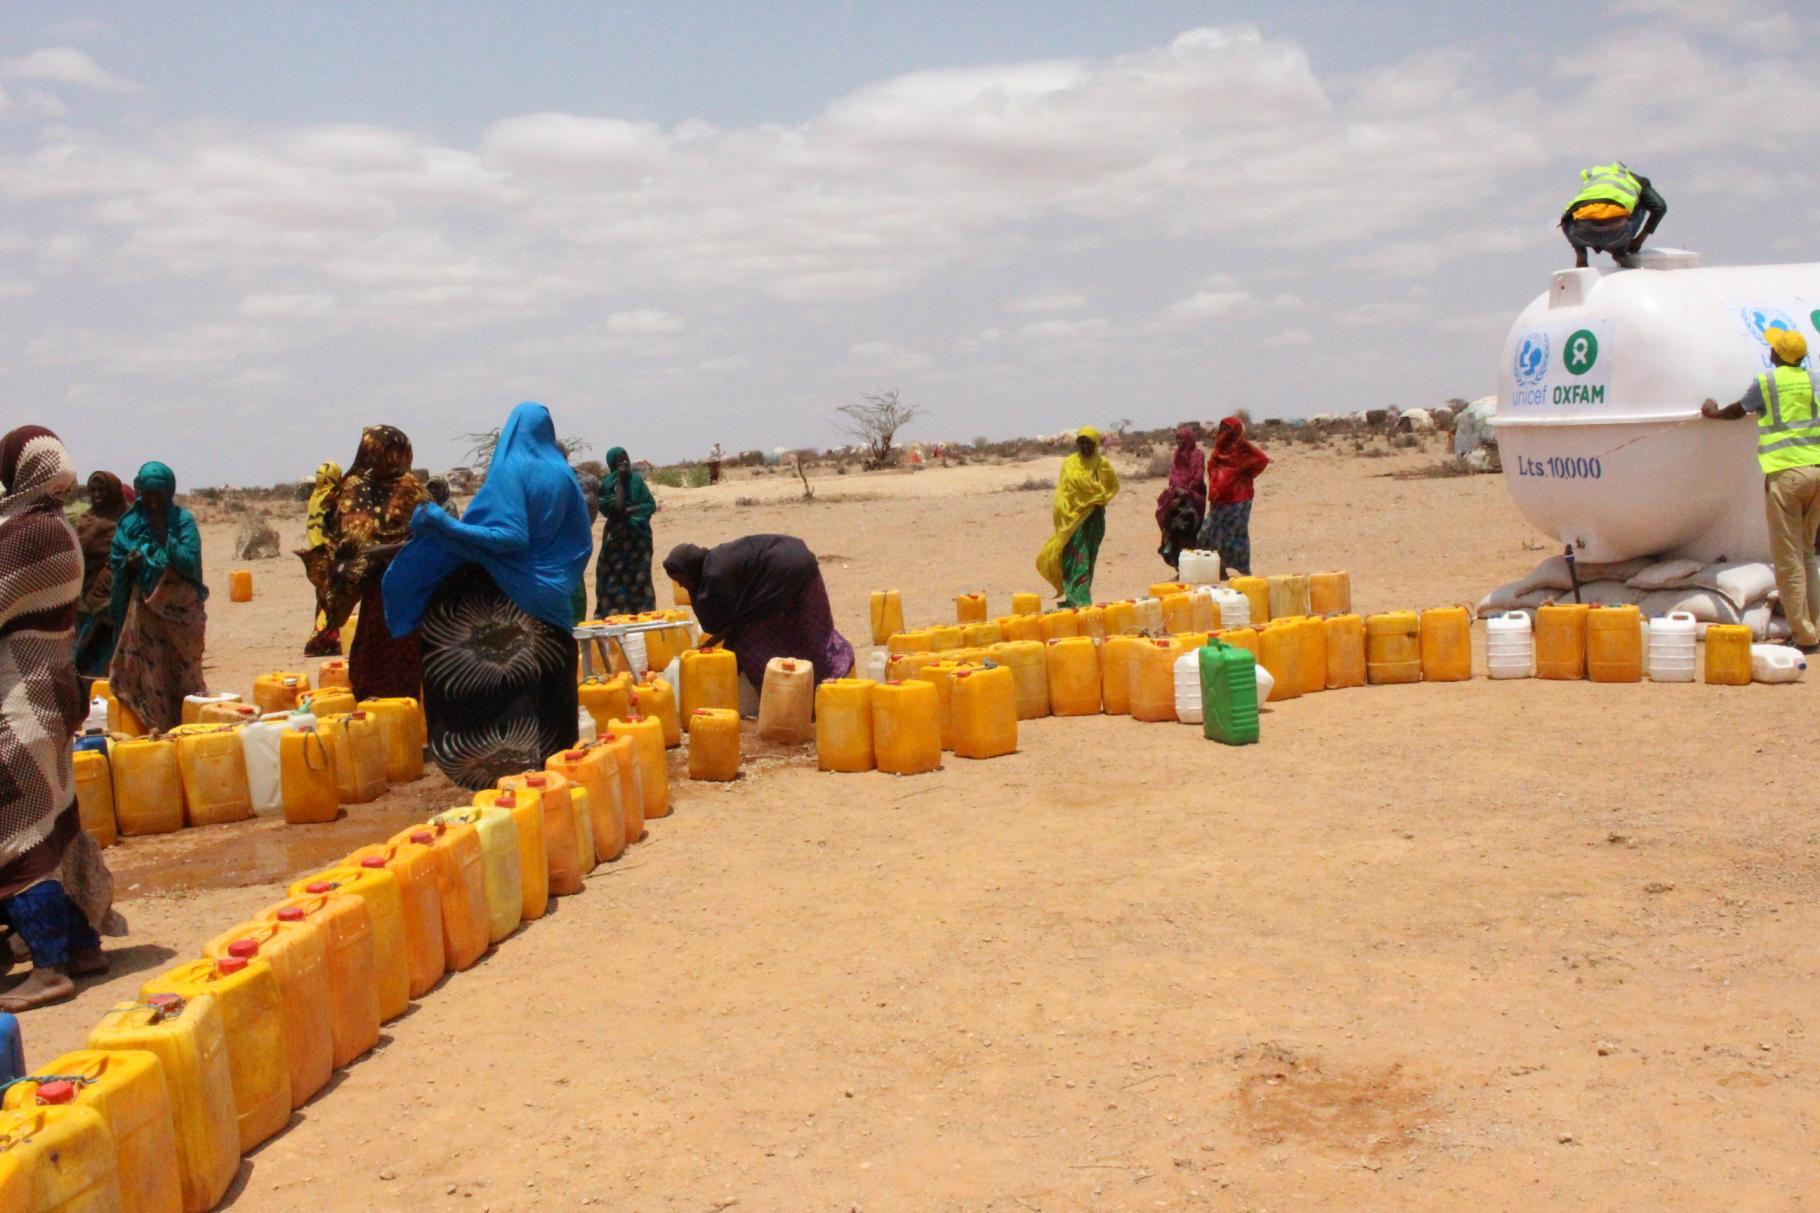 Binnenvertriebene stehen mit Wasserkanistern in einer Schlange im Gunagado-Camp